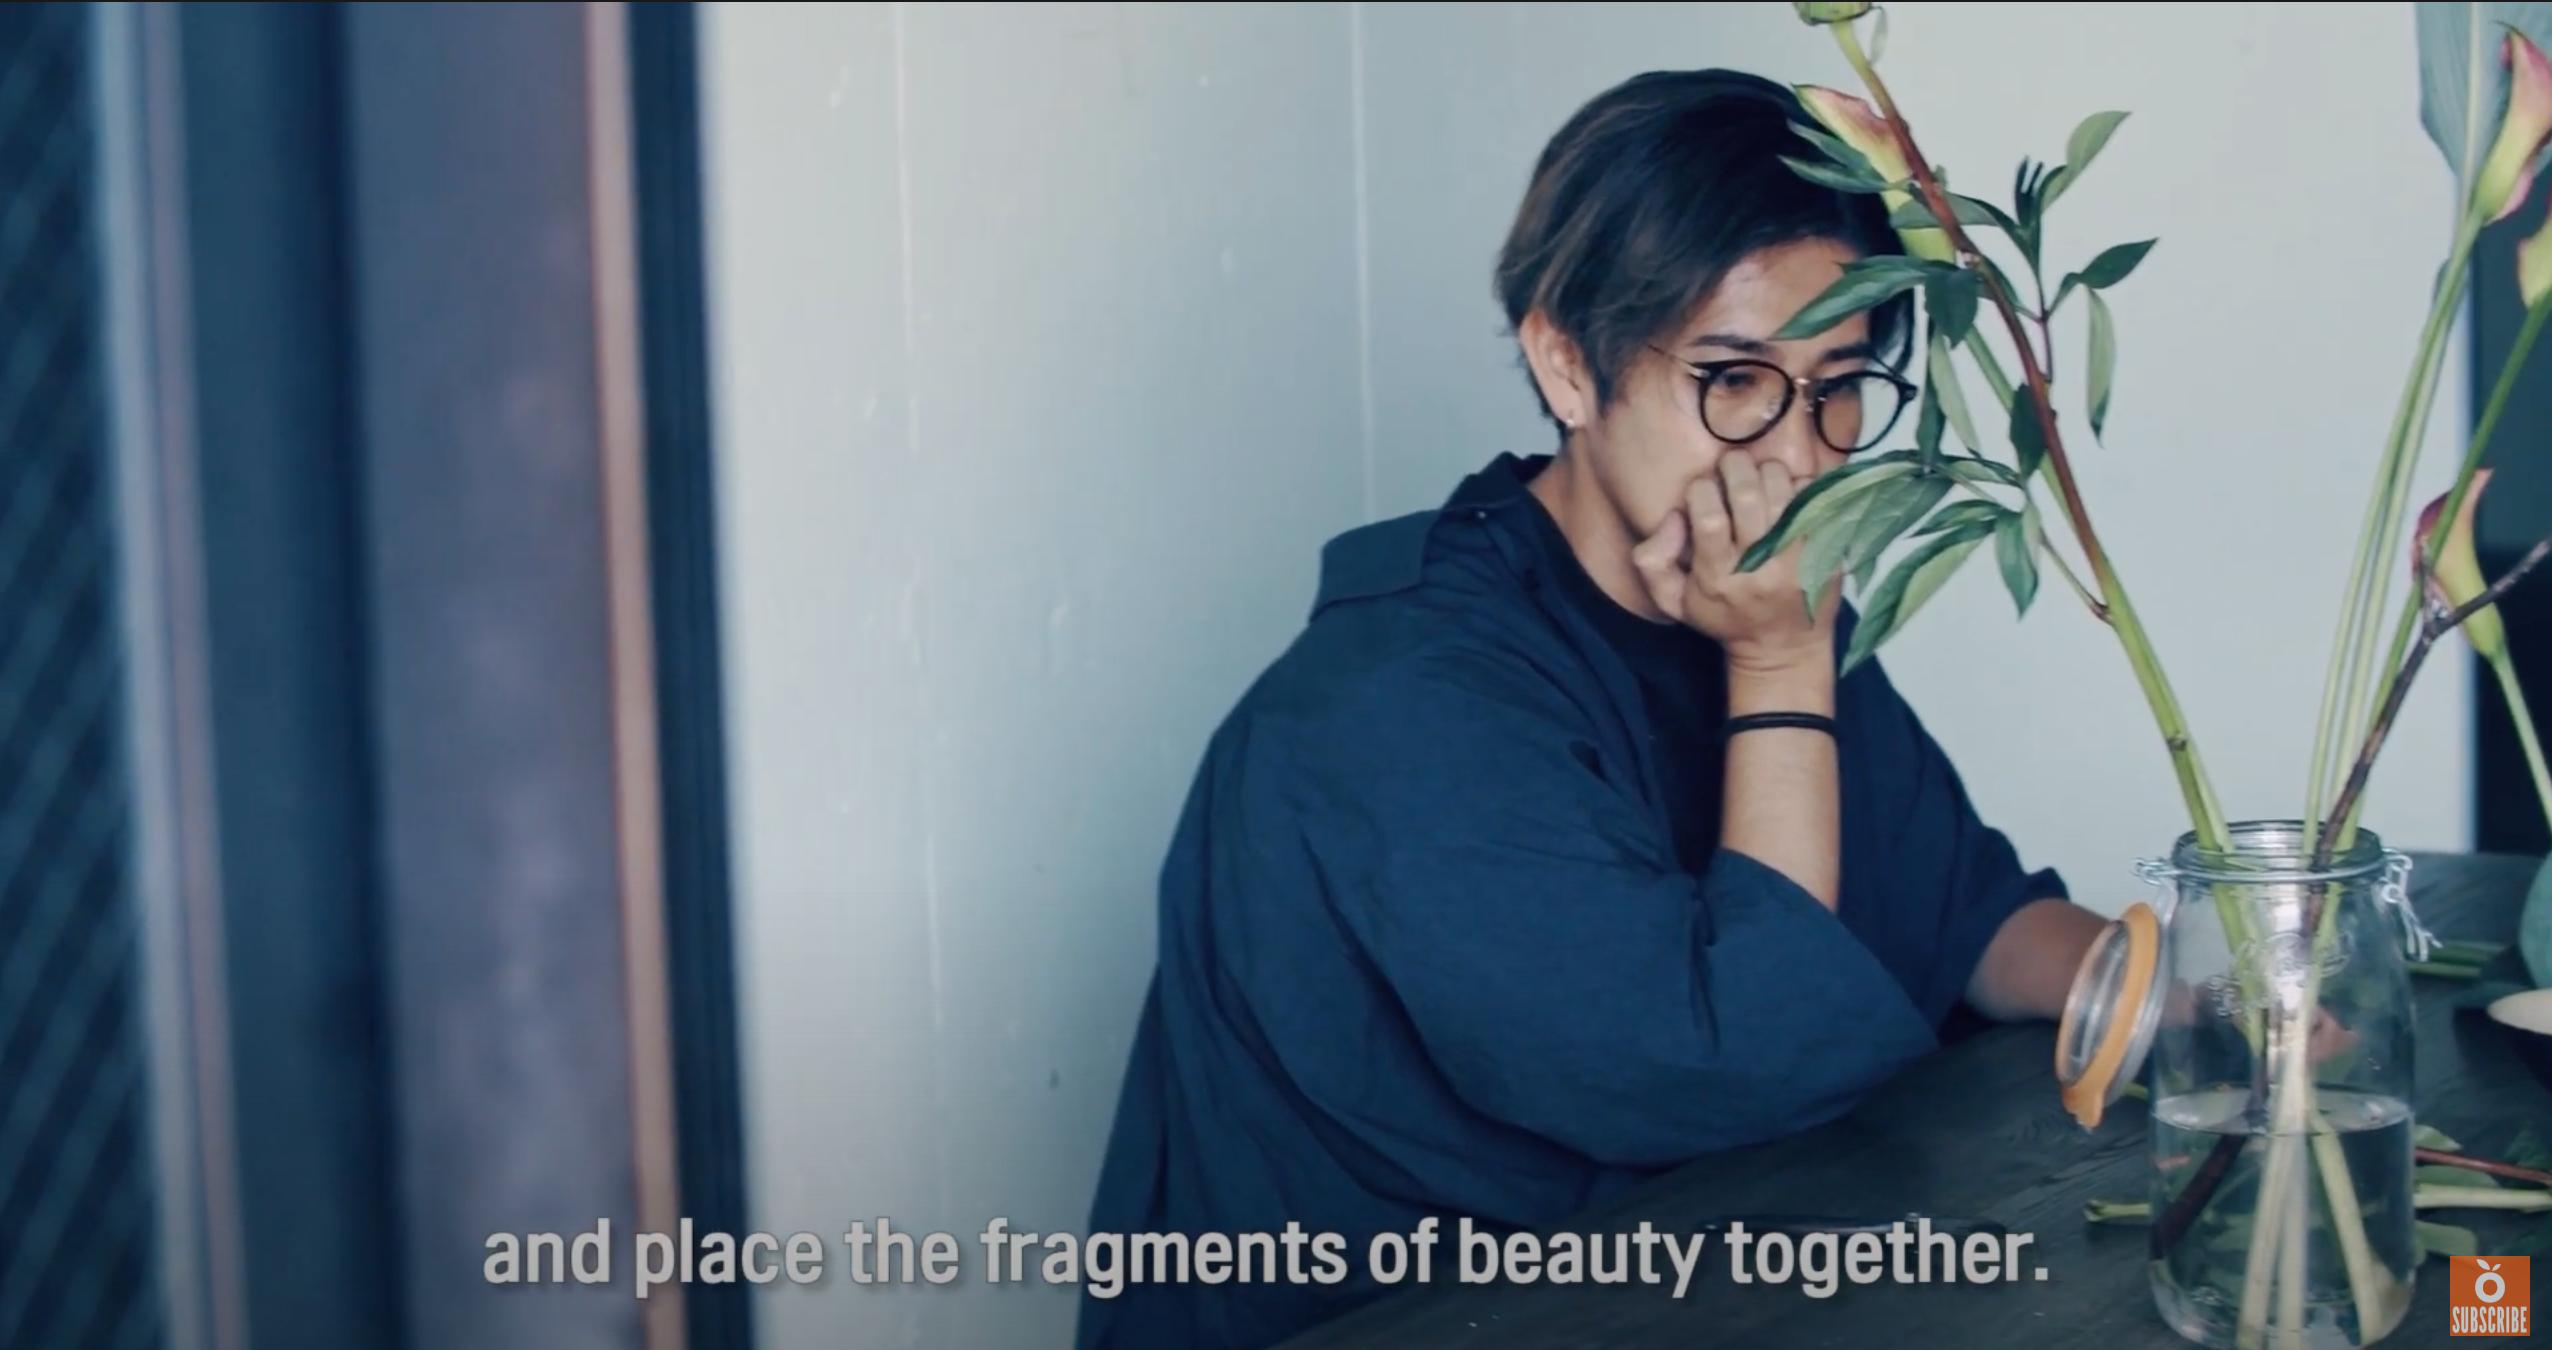 Ikebana: The Japanese Art of Flower Arrangement | The Creative Process